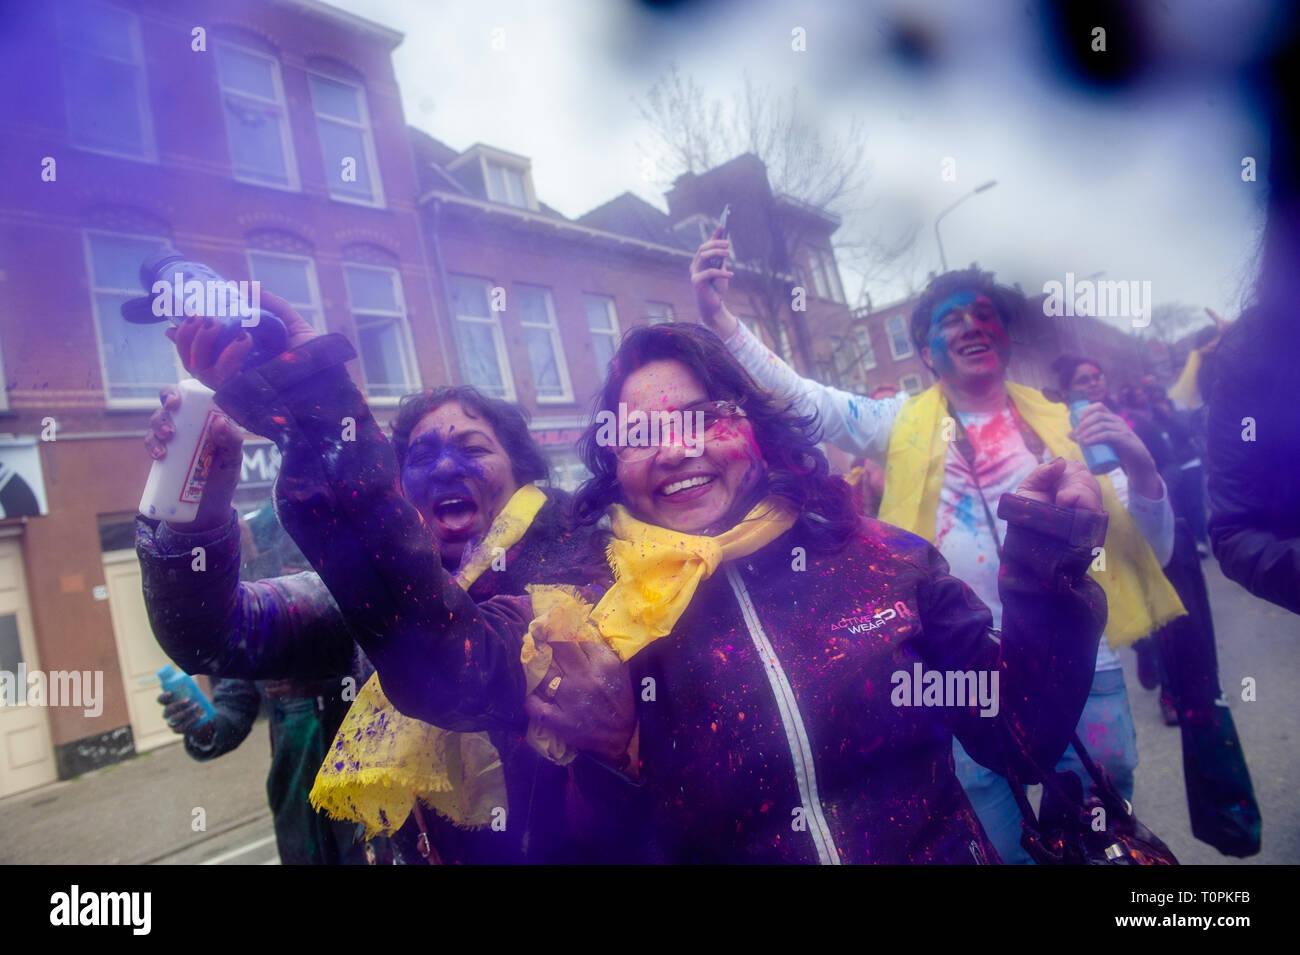 Una donna si vede gettare polvere colorata alla fotocamera durante la celebrazione. Milioni di persone in tutto il mondo celebra la Holi festival Hangámá, noto anche come il Festival dei Colori. Per gli Indù si tratta di una celebrazione dell'arrivo della primavera, il Nuovo Anno e vittoria tutto in uno. La più grande popolazione indiana in Europa (al di fuori del Regno Unito) si trovano all'Aia, questo è uno dei più grandi in Europa. Il clou della festa Holi è la processione attraverso il Transvaal multiculturale e Schilderswijk quartieri. I partecipanti al corteo buttare vivacemente colorato in polvere Foto Stock